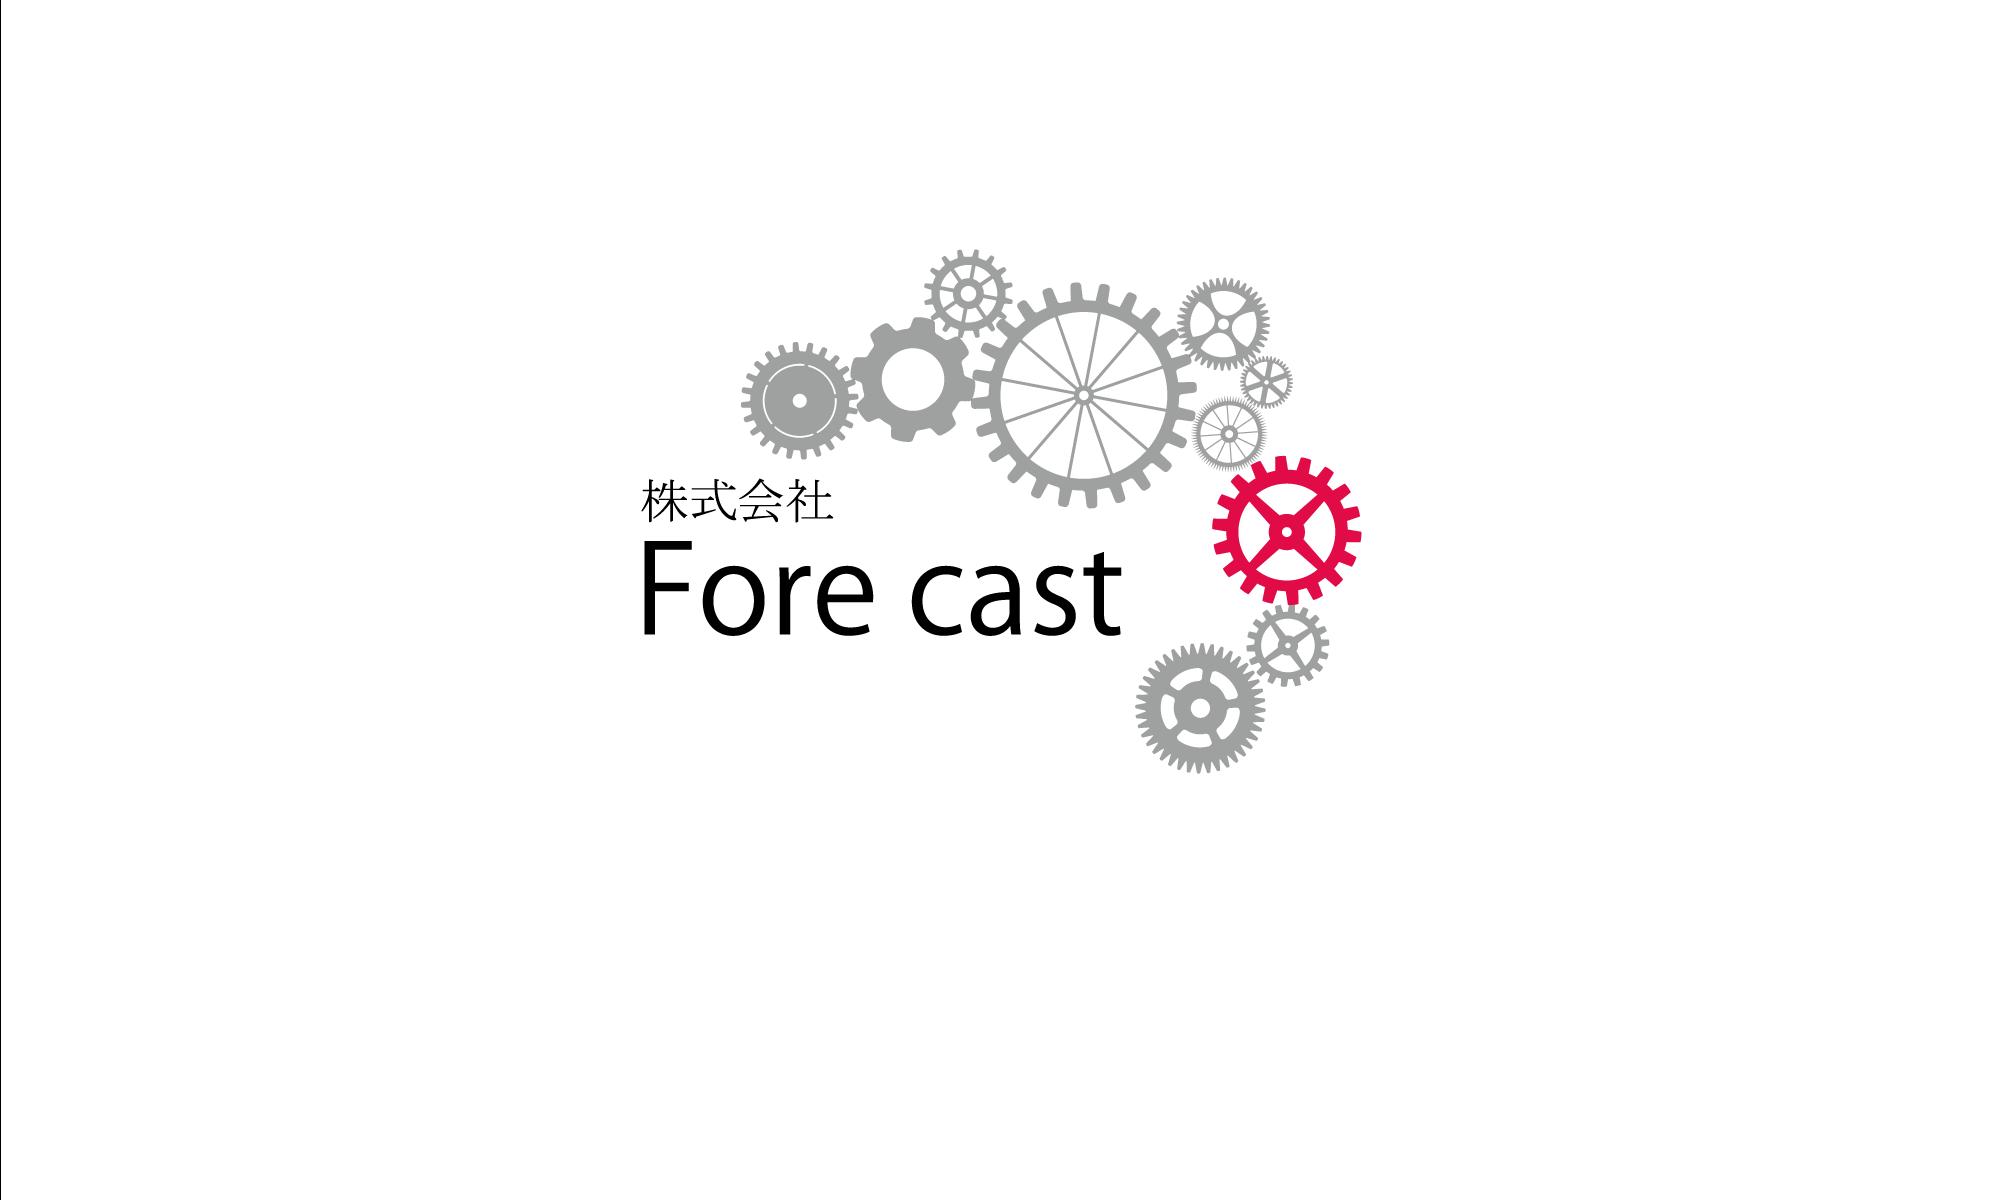 株式会社Forecast